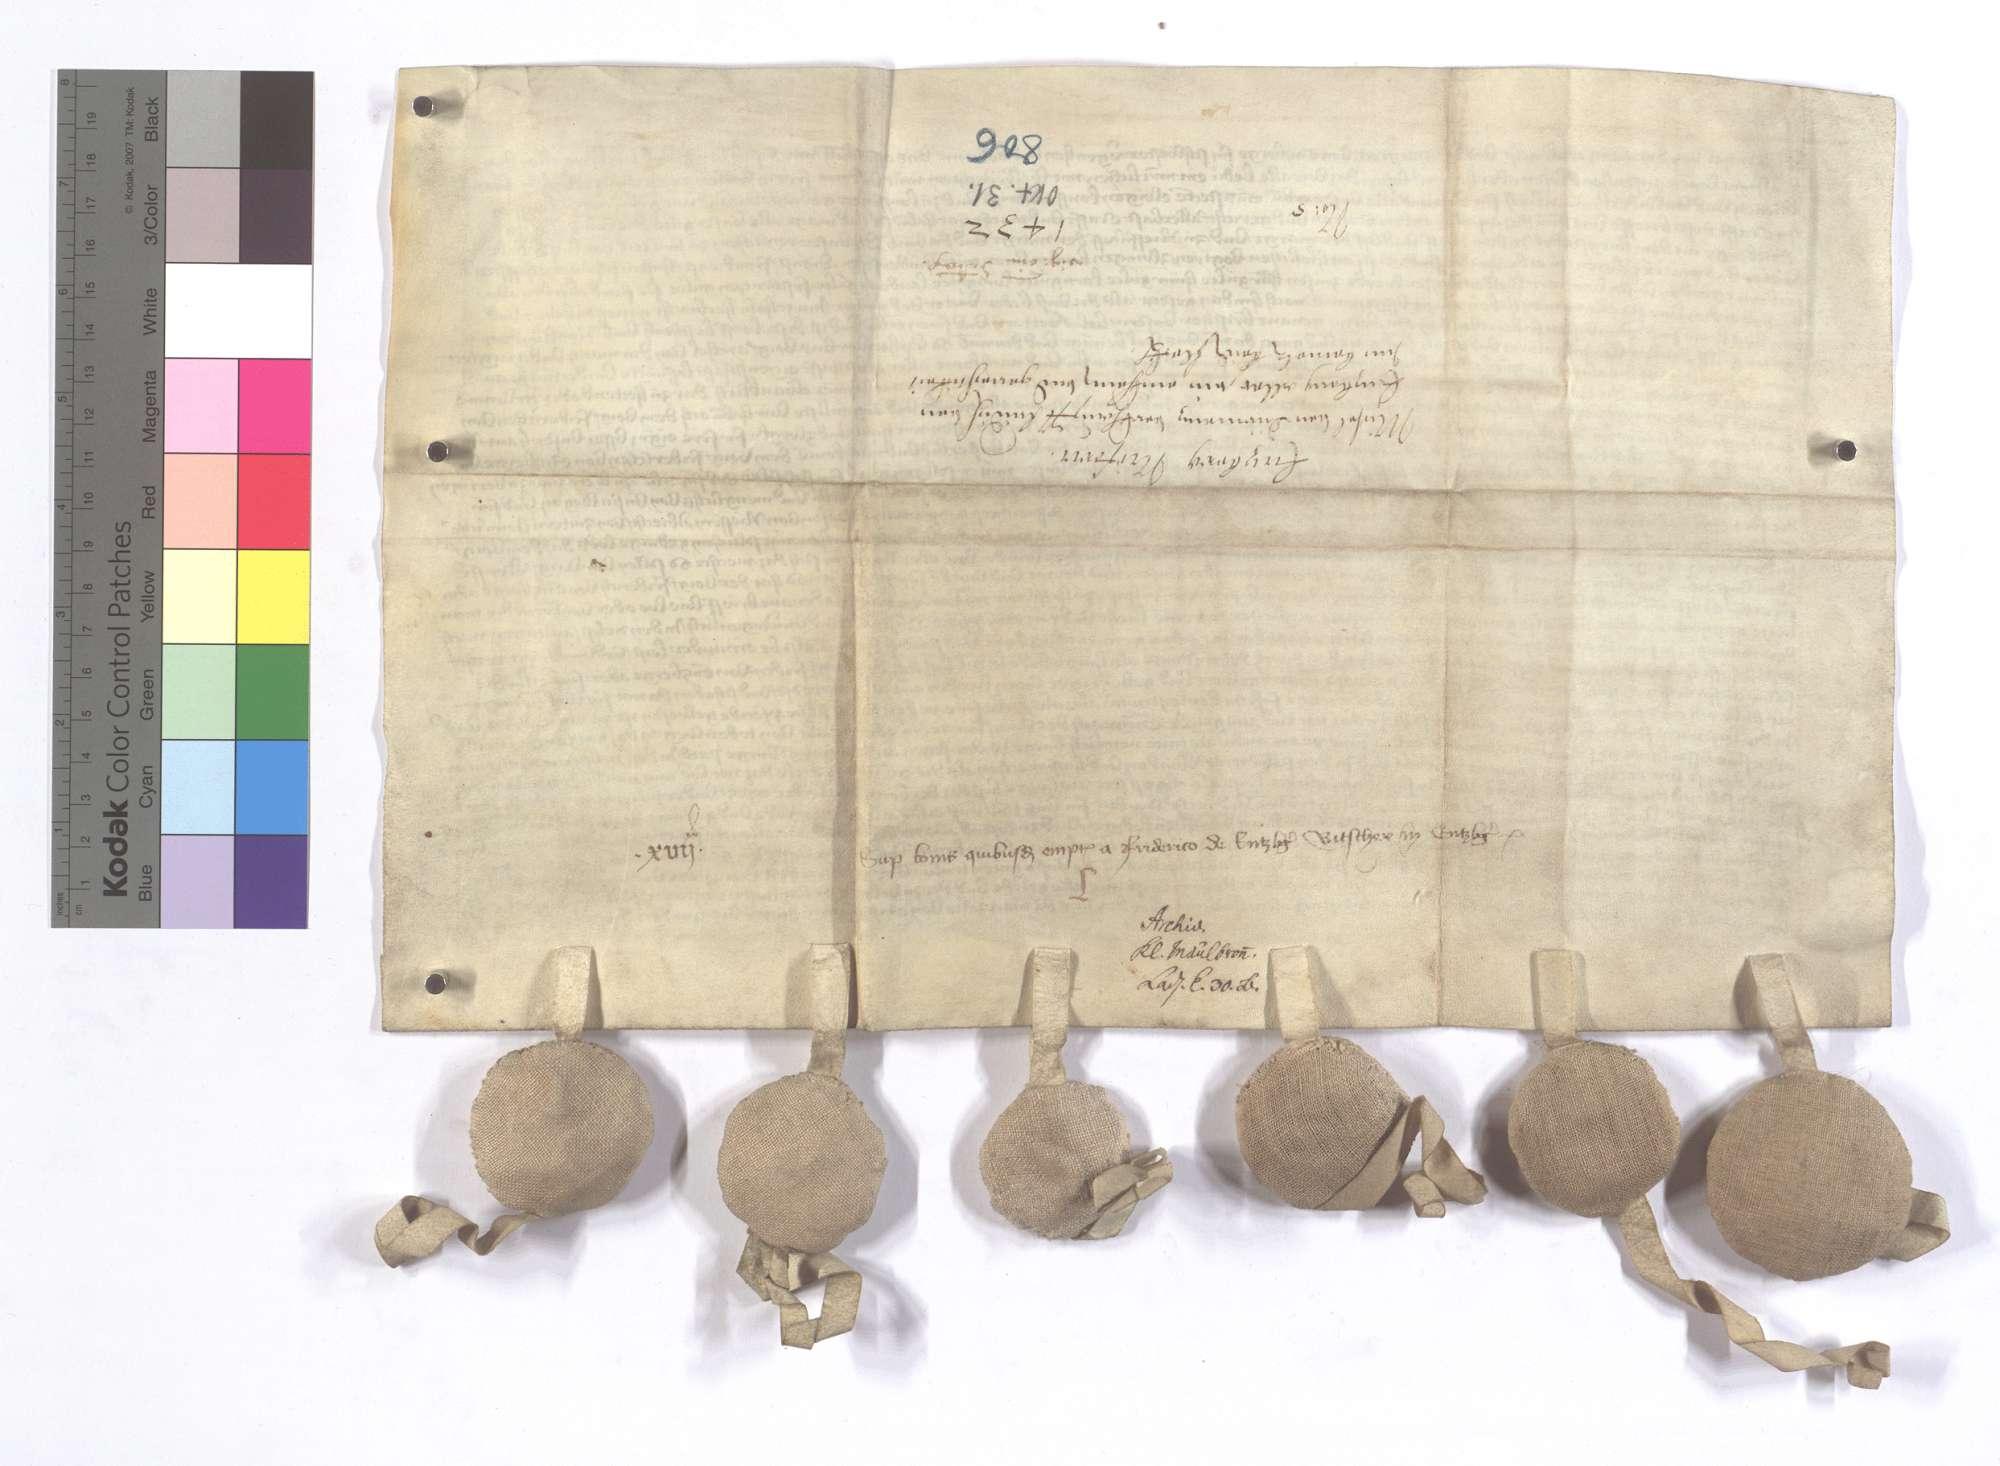 Michael von Dürrmenz verkauft sein Einkommen und Gerechtsame in Enzberg und Niefern an Friedrich von Enzberg., Rückseite